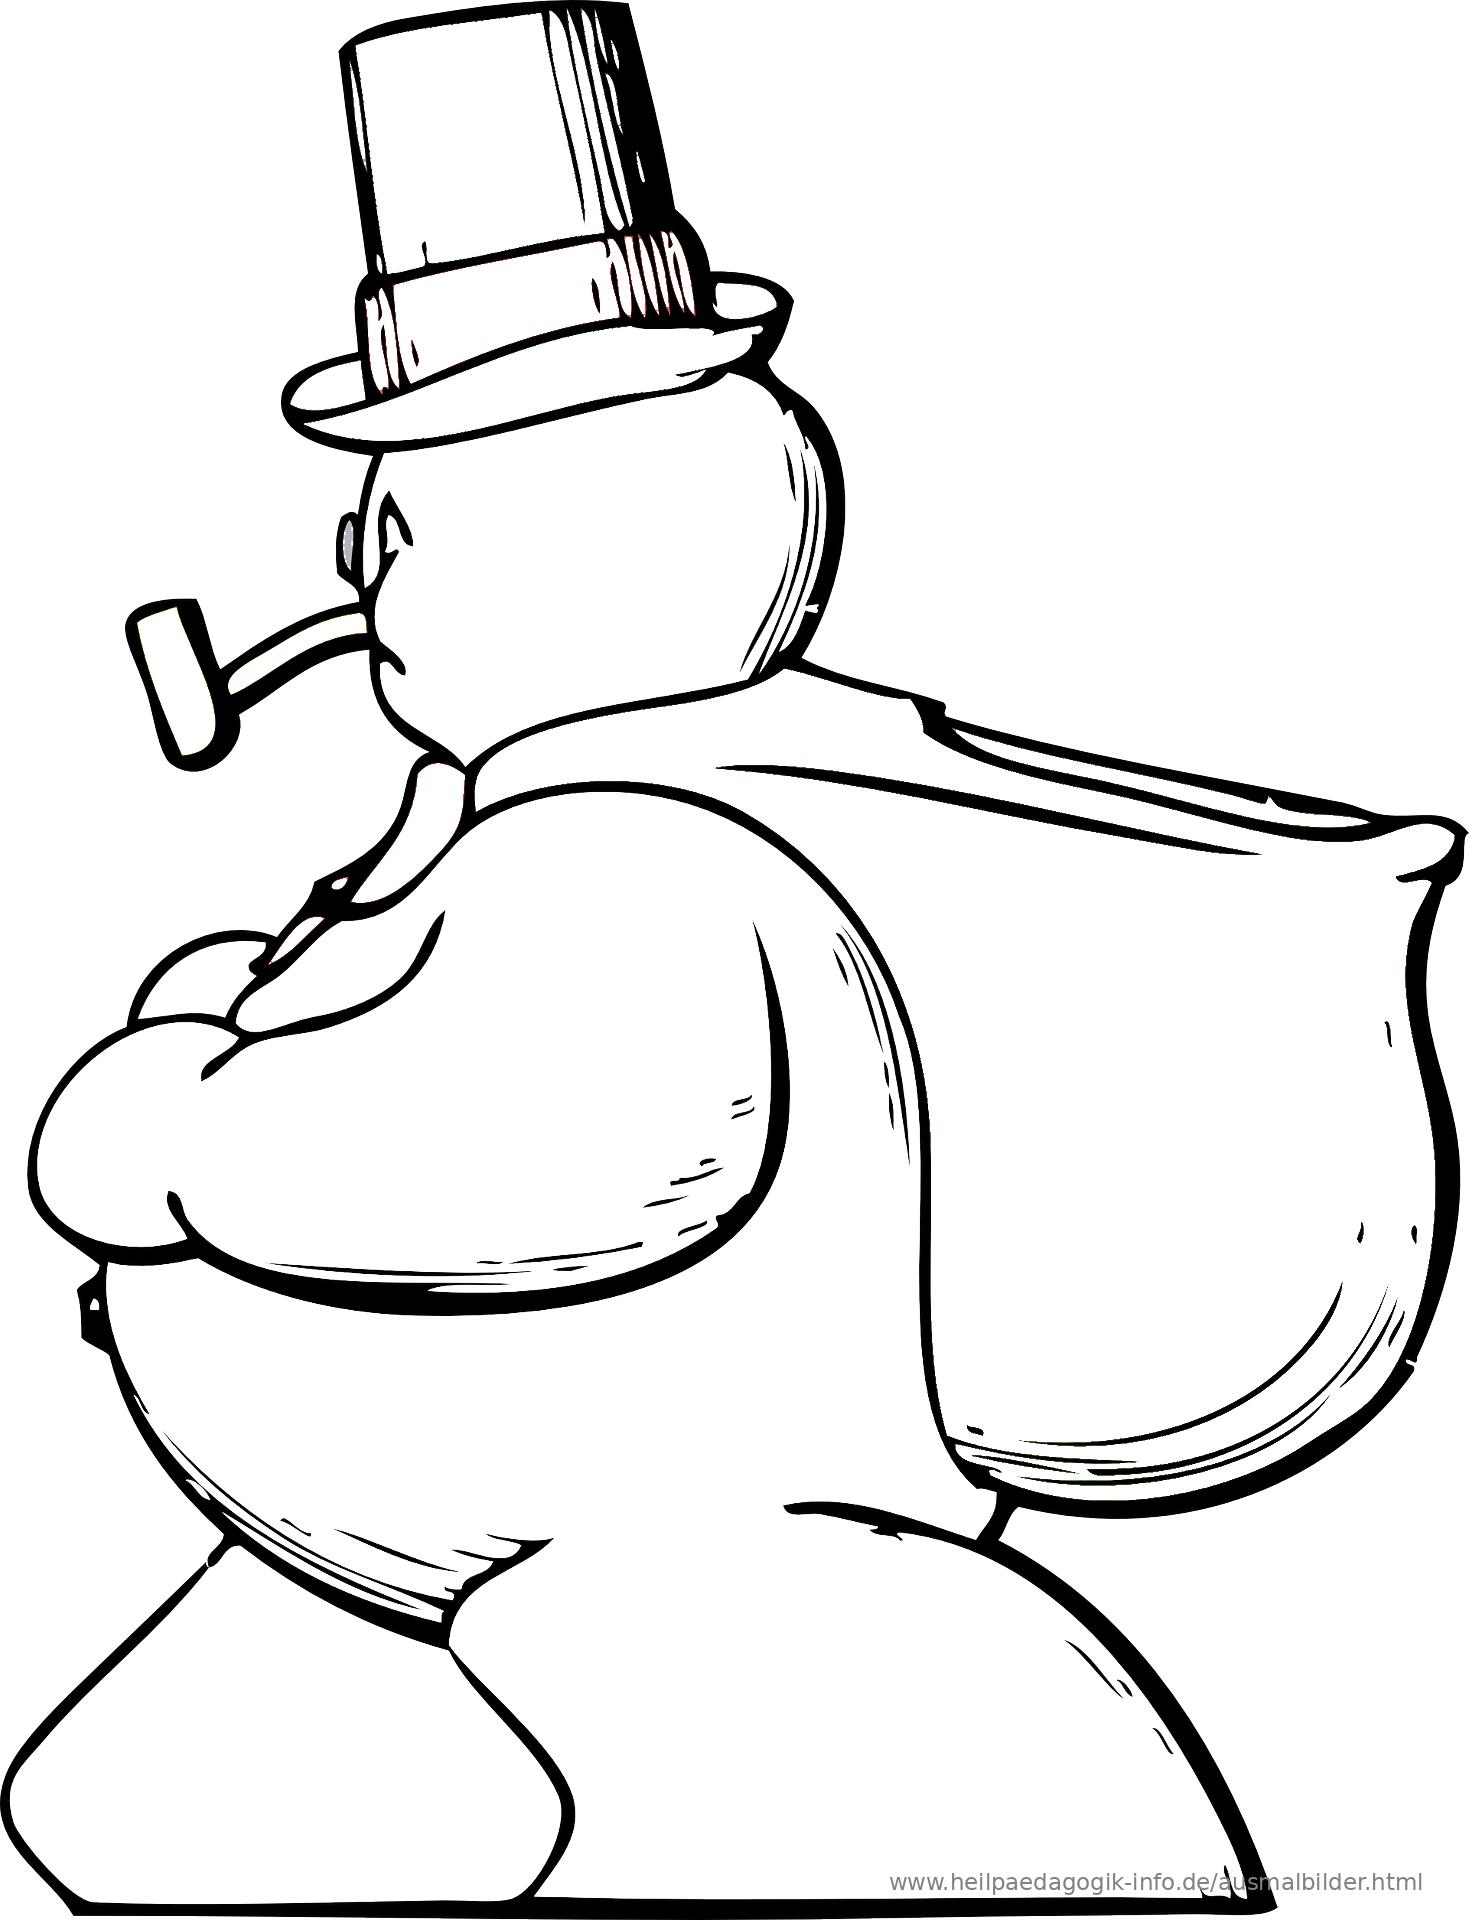 malvorlage schneemann pdf  kinder zeichnen und ausmalen